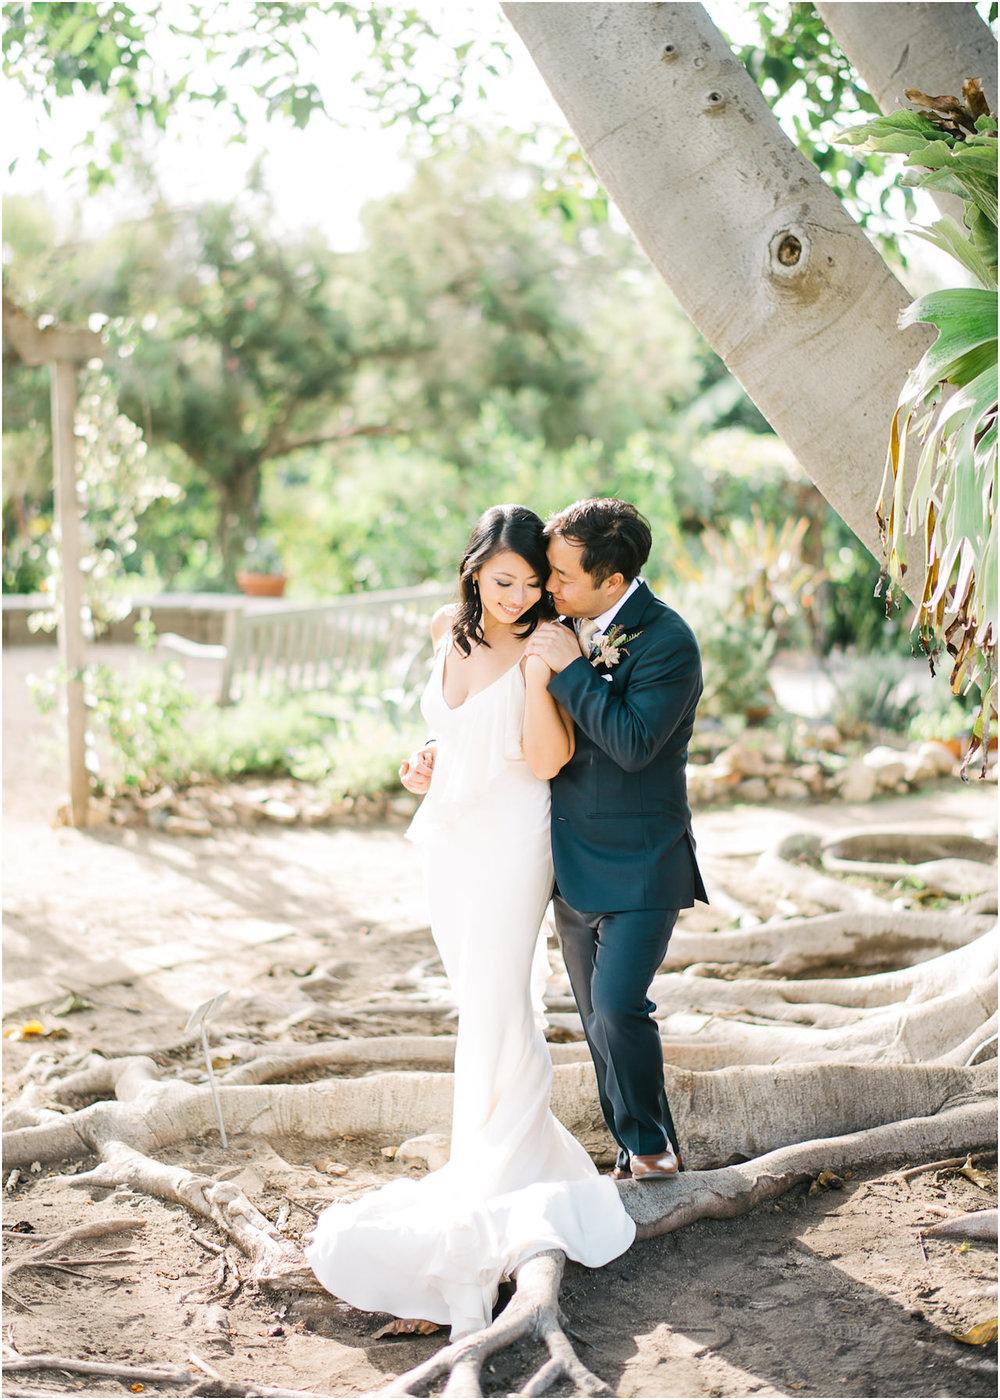 san-diego-botanic-gardens-wedding-050a.jpg